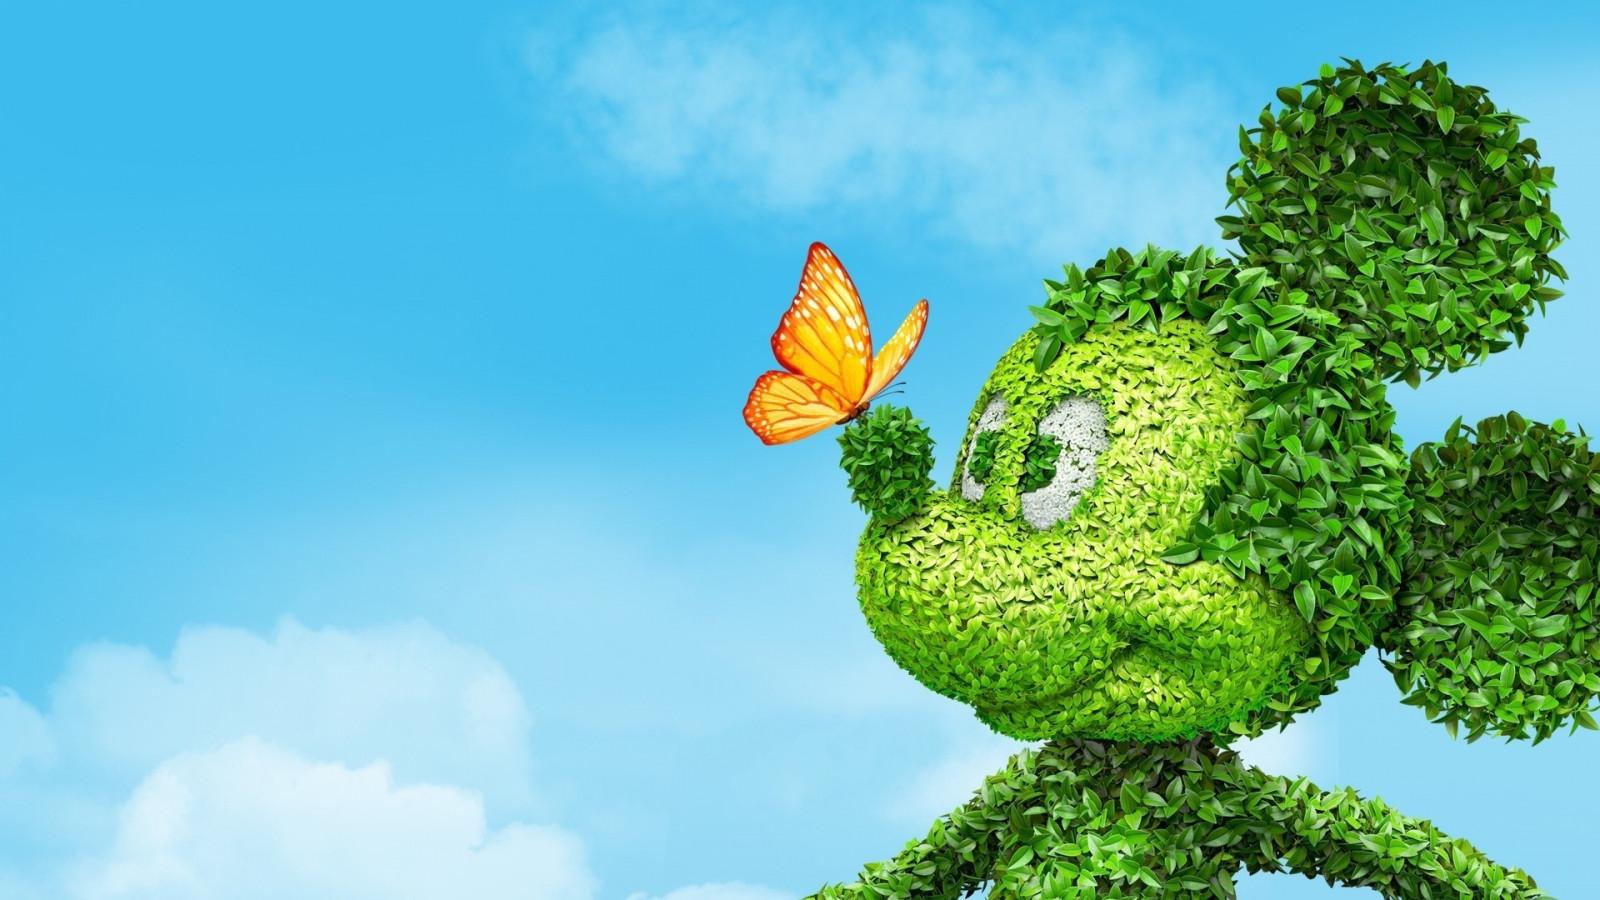 Hintergrundbilder : Mickey Maus, Blumen, Gras, Himmel, Ast ...